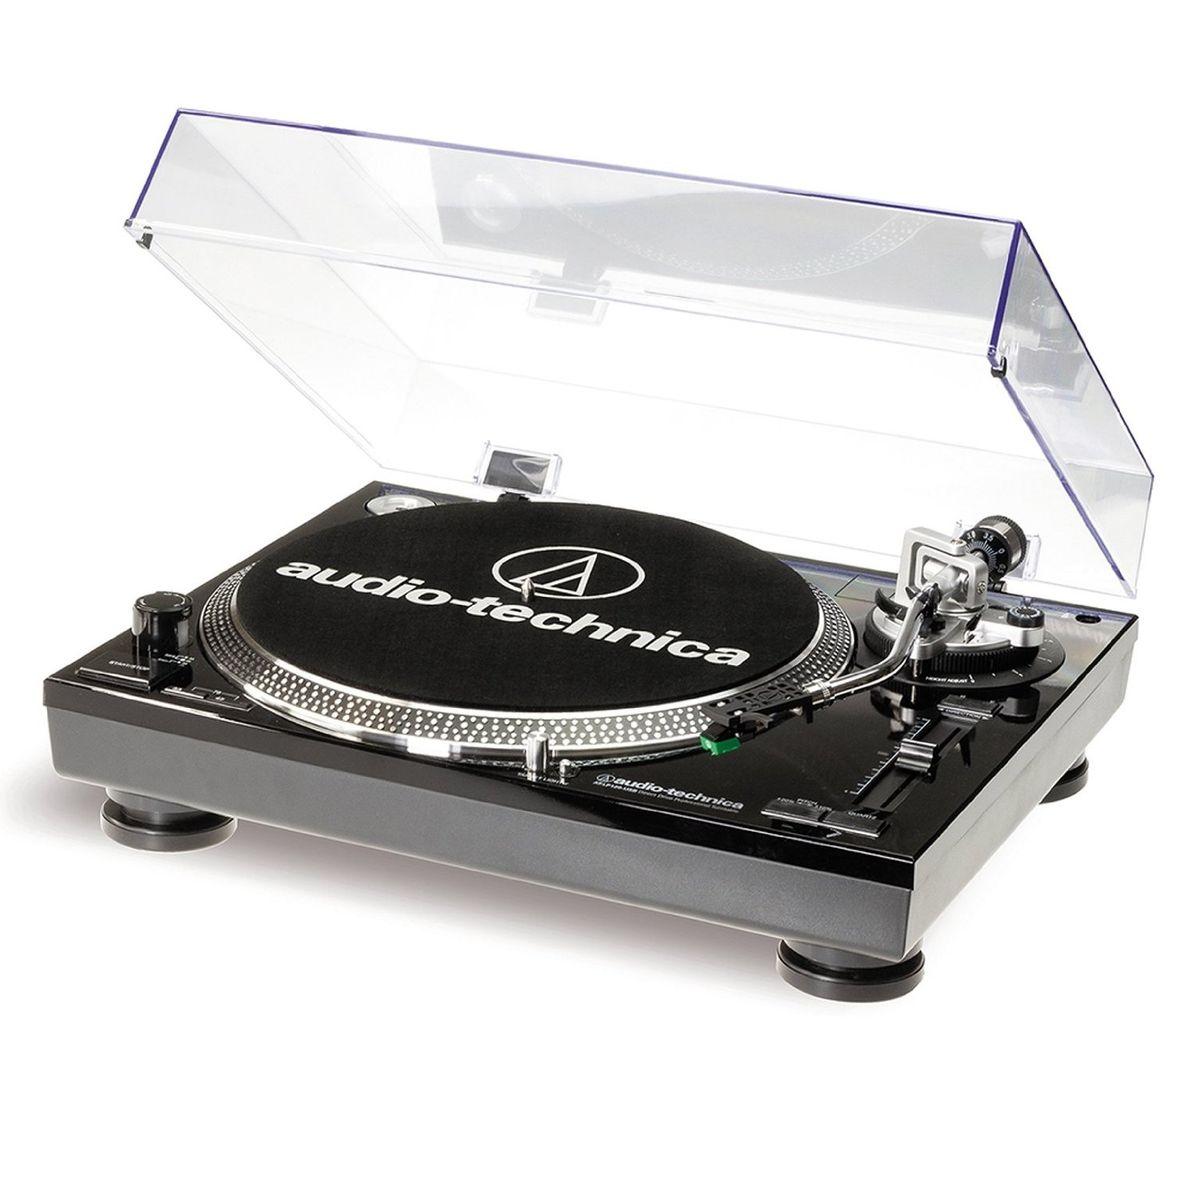 Audio-Technica AT-LP120-USBHC, Blackпроигрыватель виниловых дисков Audio-Technica